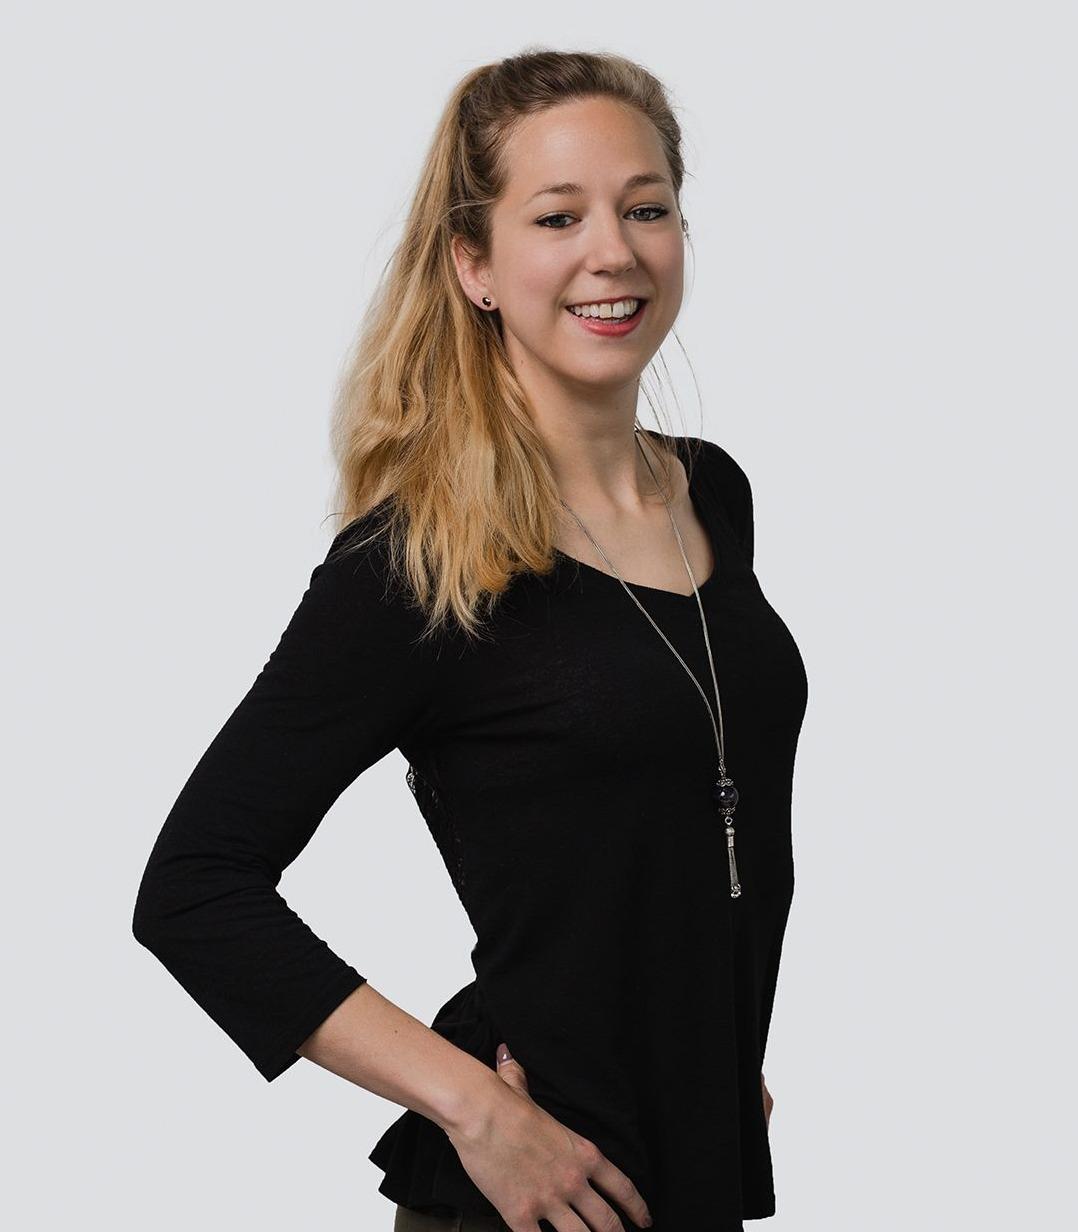 Stephanie Joss